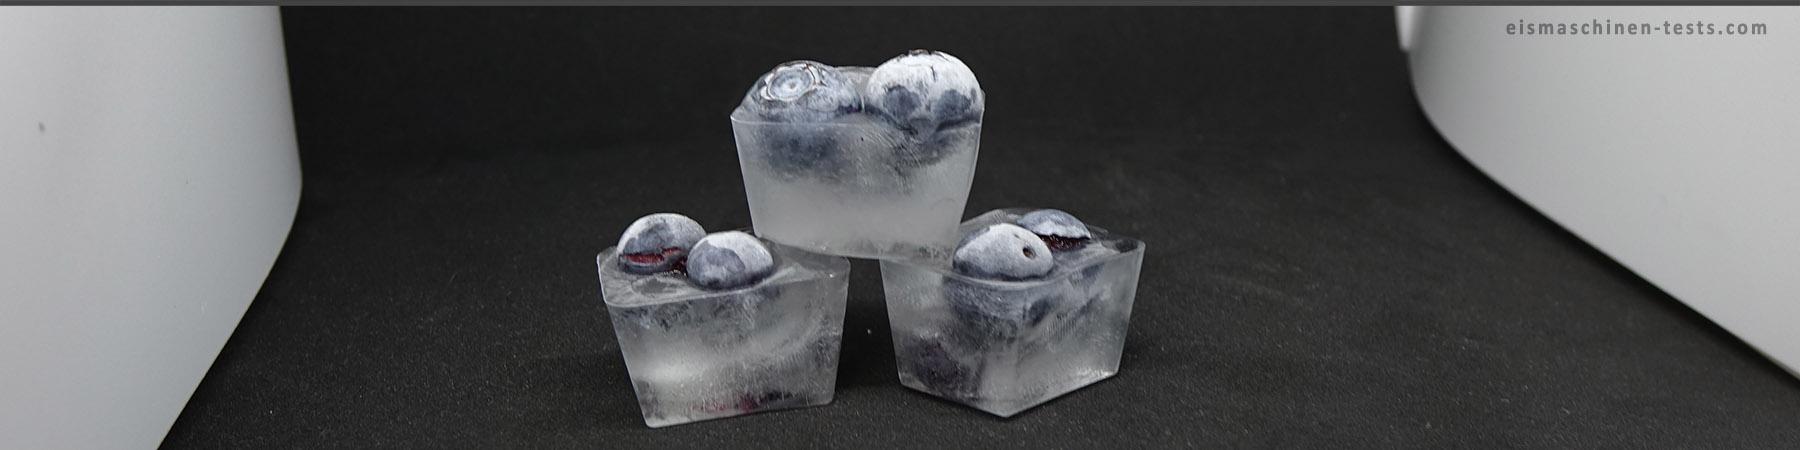 Blaubeeren Eiswürfel selber machen - Eismaschinen Tests com - Slider